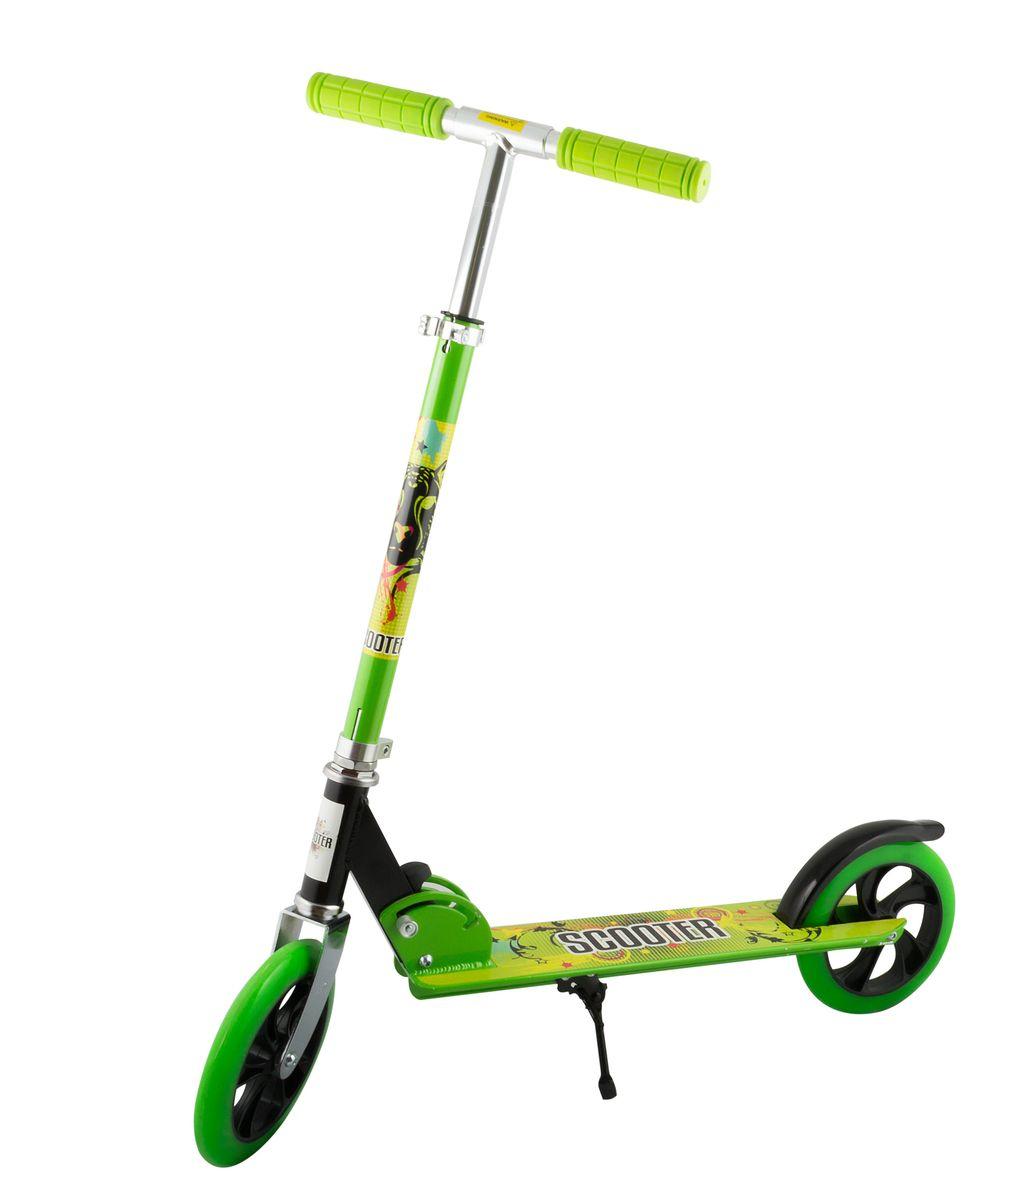 Самокат 2-колесный SC-02 (200 мм), цвет: зеленыйУТ-00008288Самокат 2-х колесный SC-02 (200 мм) - это двухколесная модель с колесами 200-мм для взрослых и детей. Эргономичные резиновые грипсы. Телескопический руль. Удобная система складывания. Алюминиевая дека. Металлический тормоз. Полиуретановые 200-мм колеса. Подножка для устойчивости самоката. Подшипники ABEC 7 для быстрой и плавной езды.Технические характеристики:Дека: алюминийРучки: резинаРуль: алюминийМатериал колеса (внутр): полипропиленМатериал колеса (внешний): полиуретанРегулировка руля: естьСистема складывания: естьРазмер колеса, мм: 200Подшипники: Abec-7Цвет: зеленыйВес, гр: 3350Производство: КНР